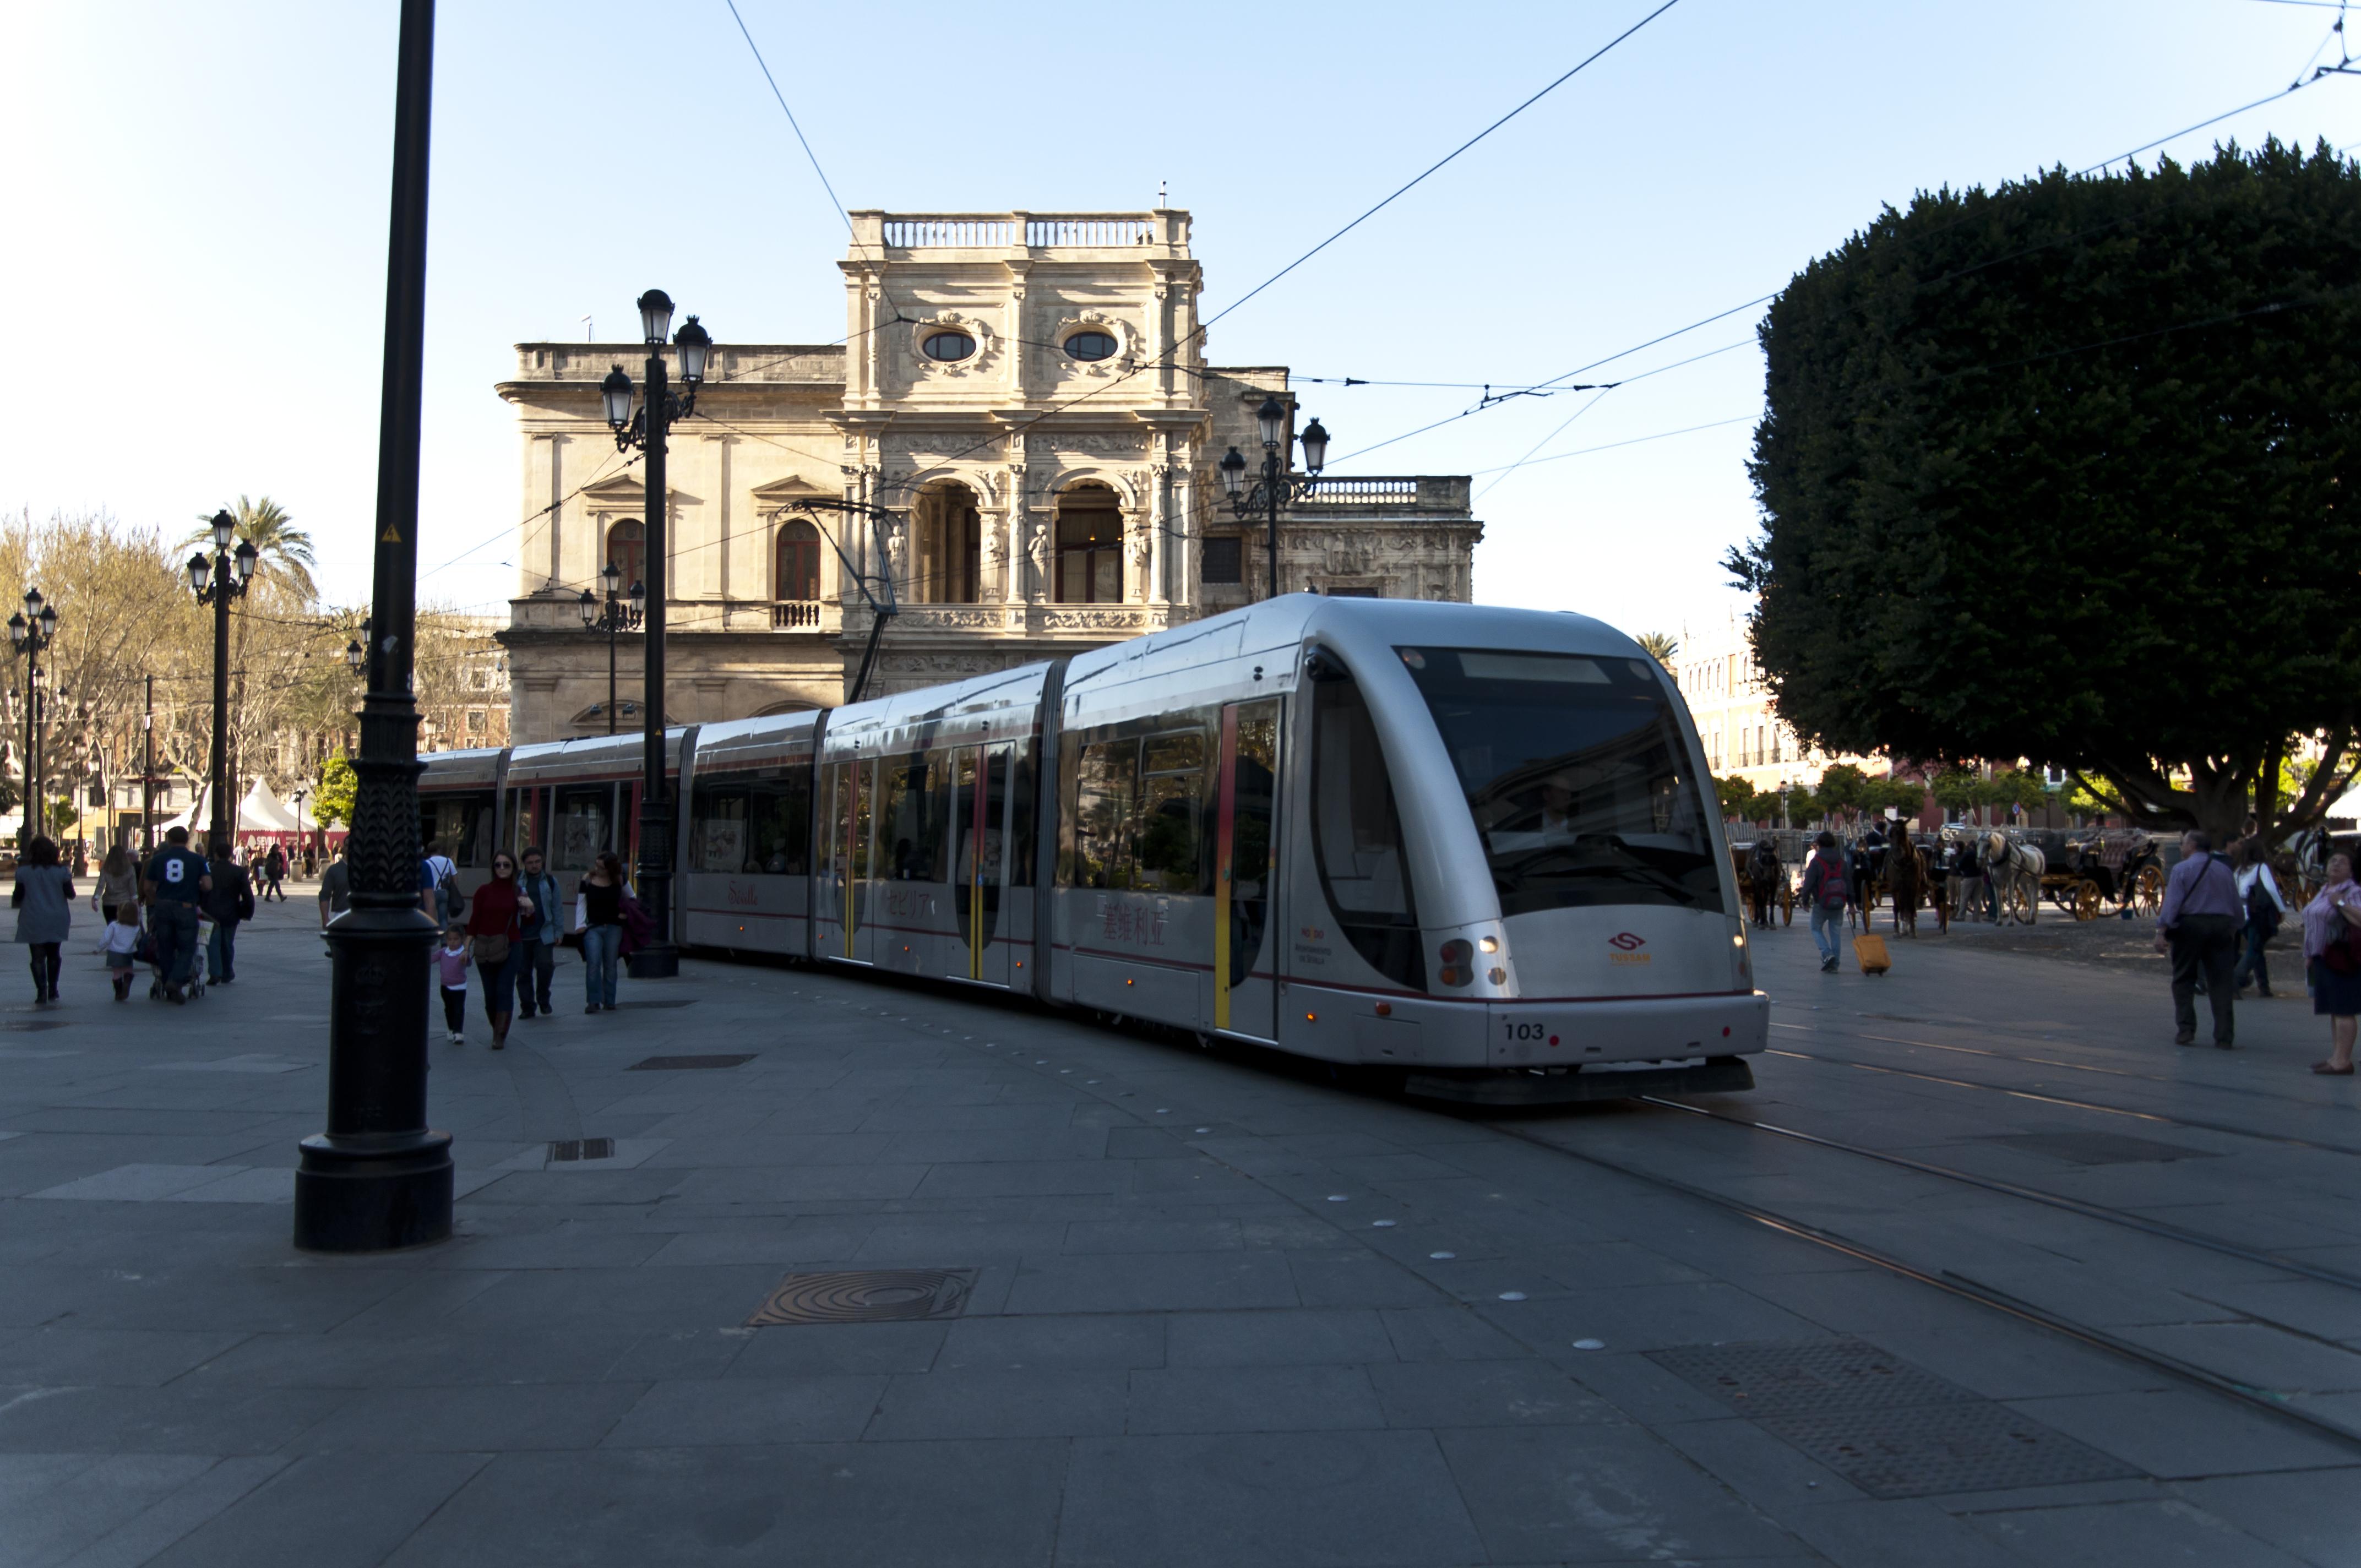 Seville Tram.